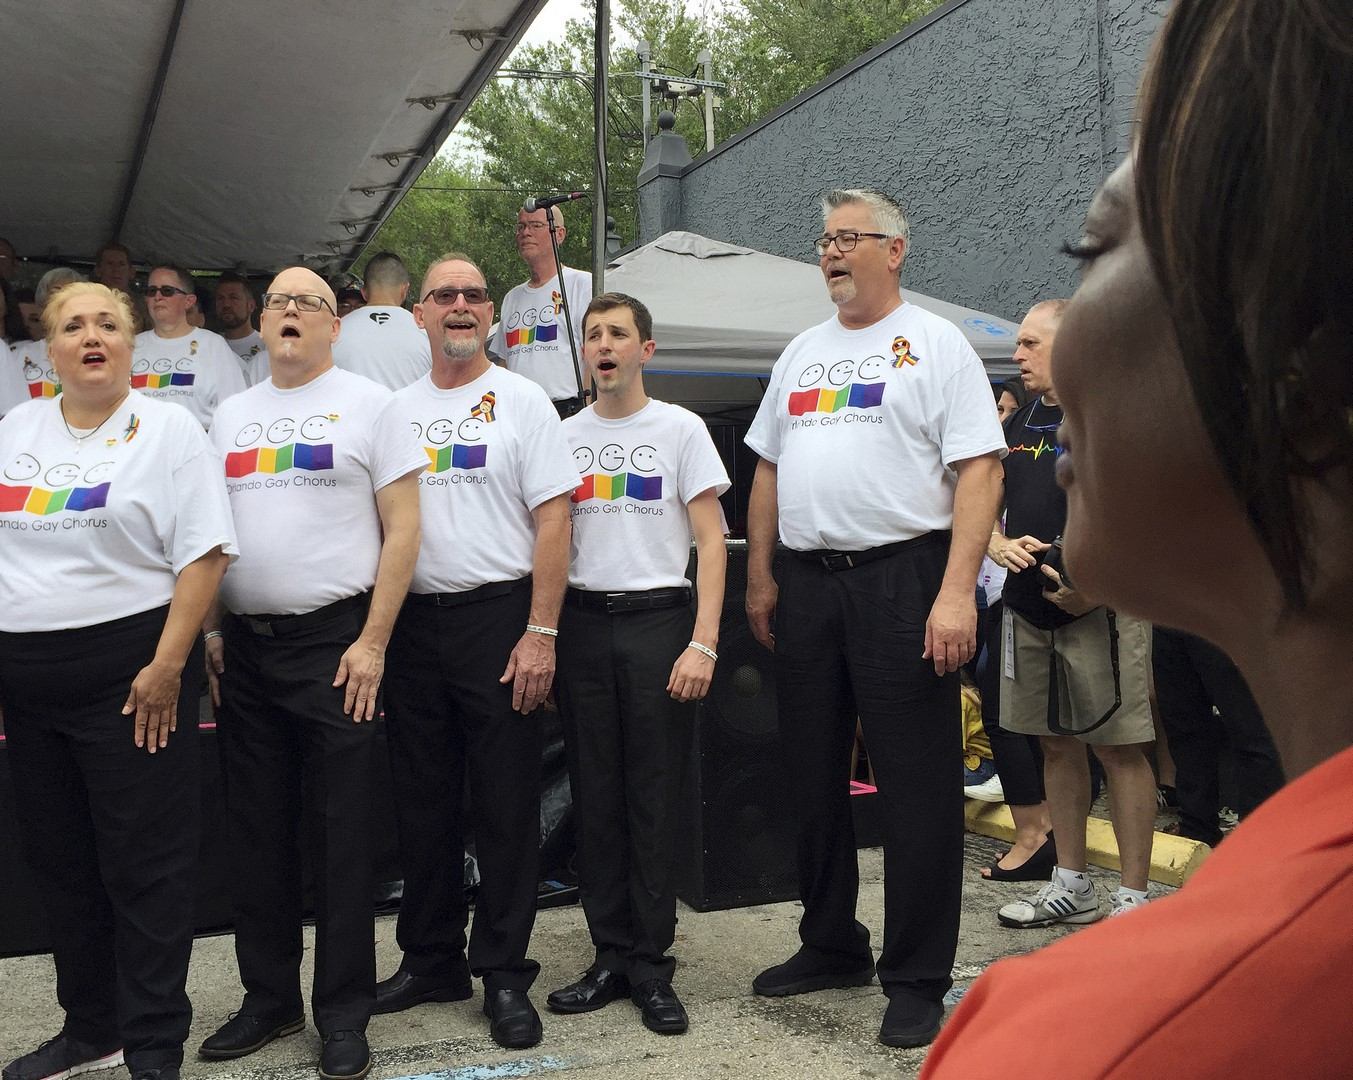 Conmemoran primer aniversario de ataque a bar Pulse de Orlando